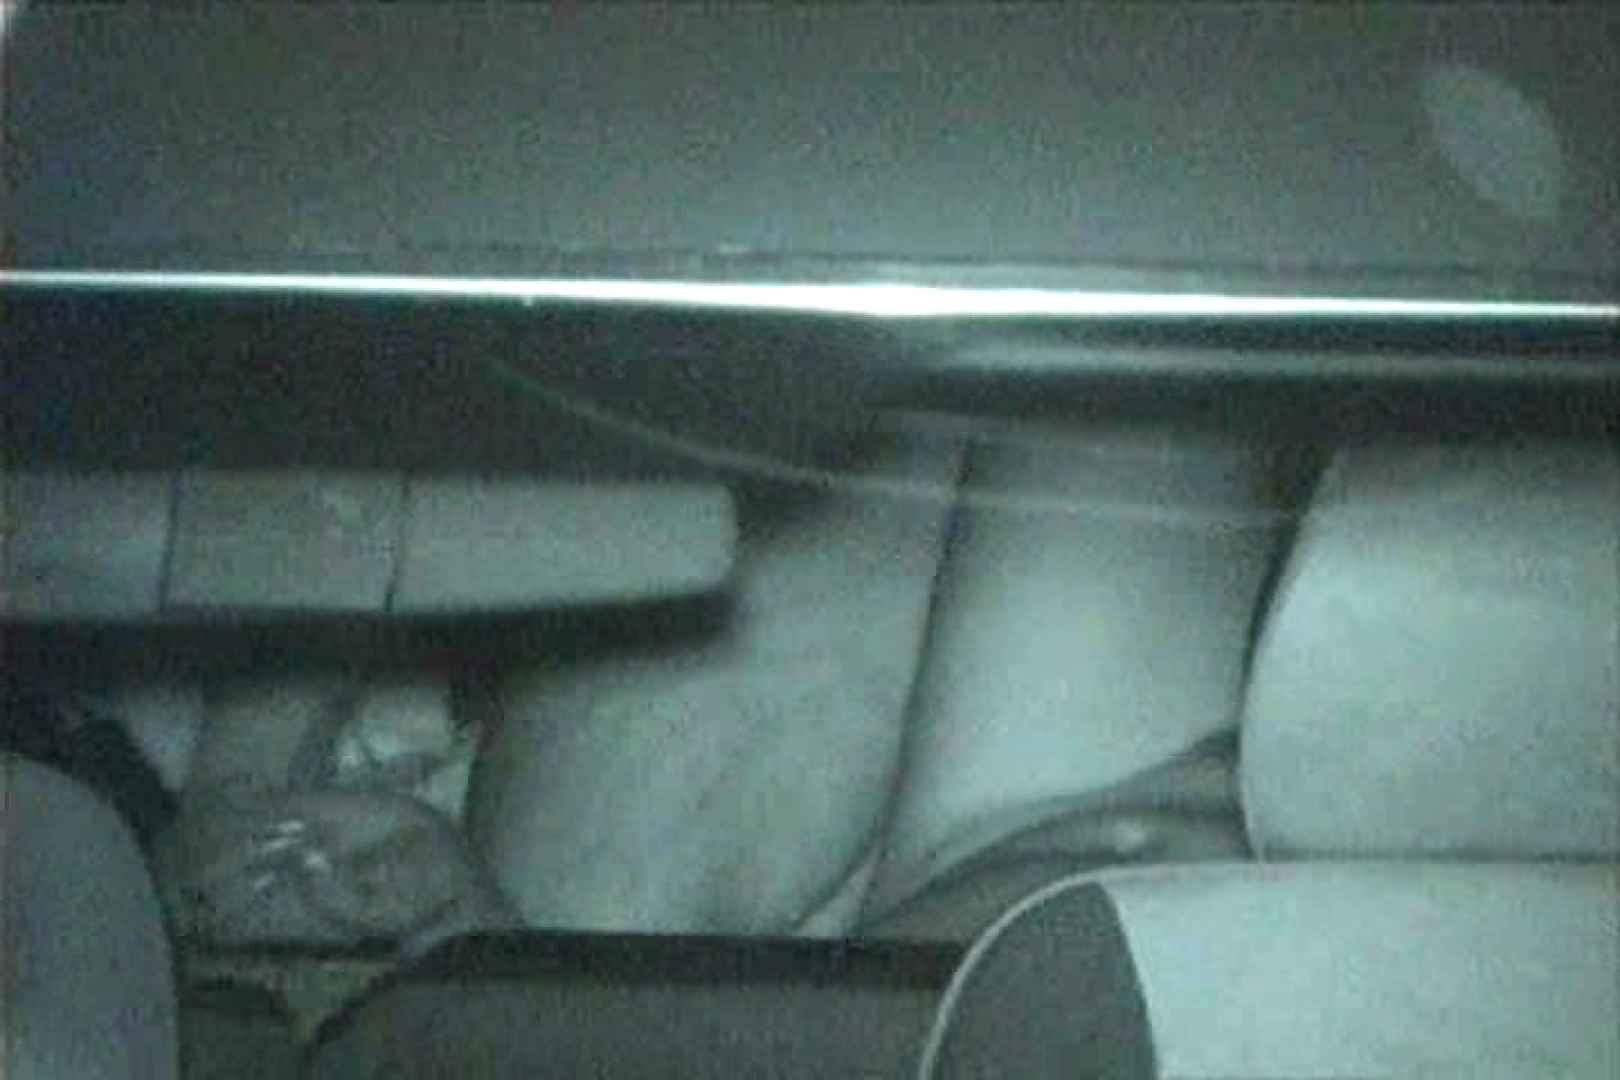 車の中はラブホテル 無修正版  Vol.24 素人エロ投稿 SEX無修正画像 48画像 34